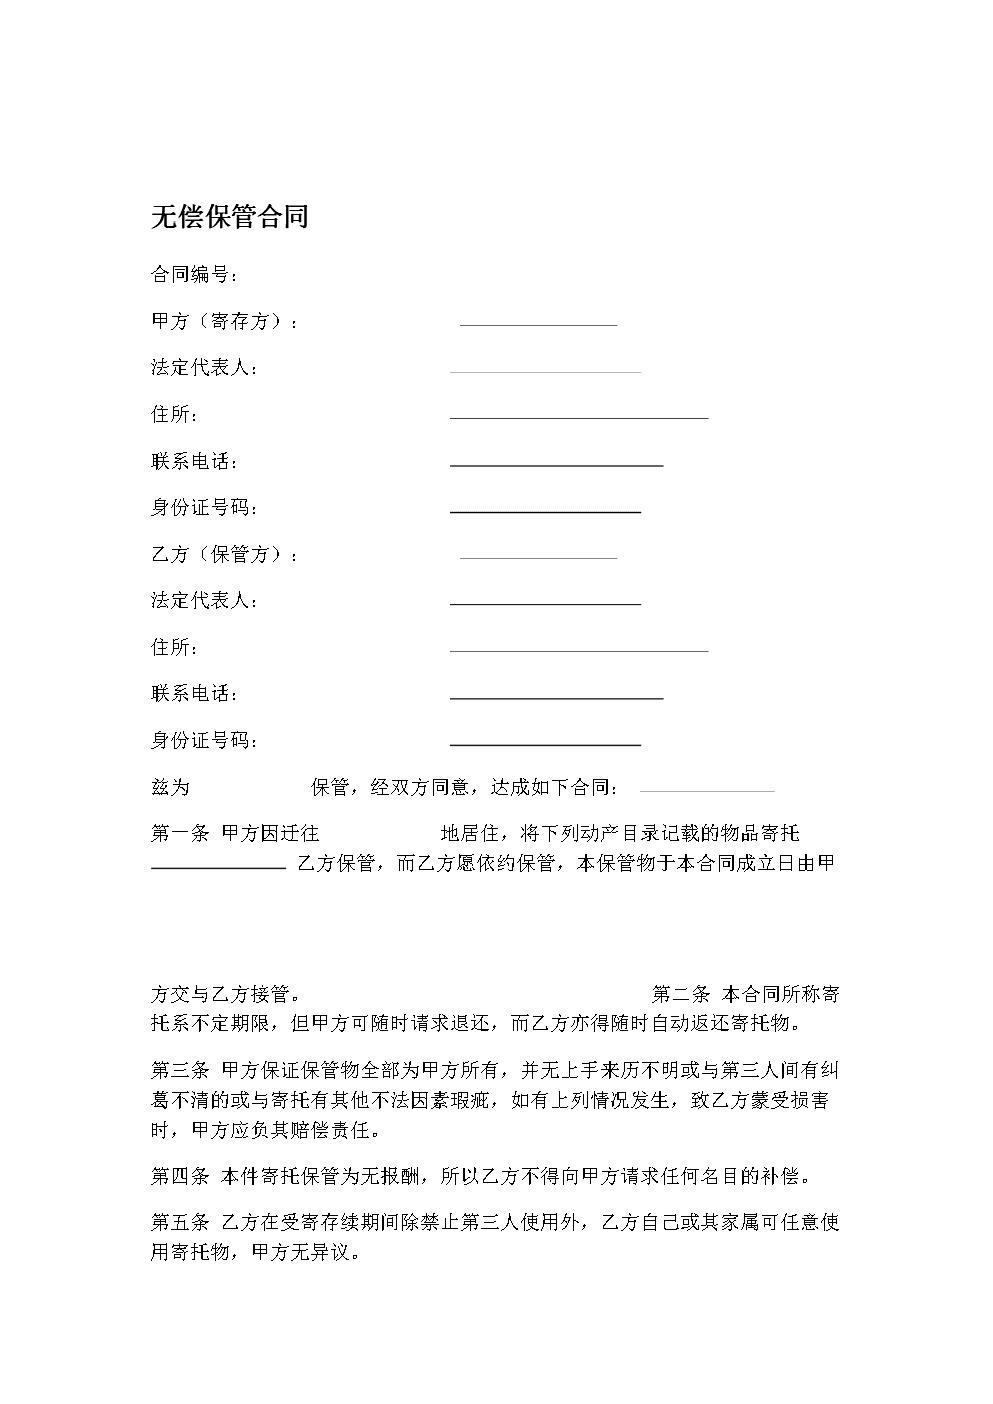 無償保管合同------律師審查精修版.doc